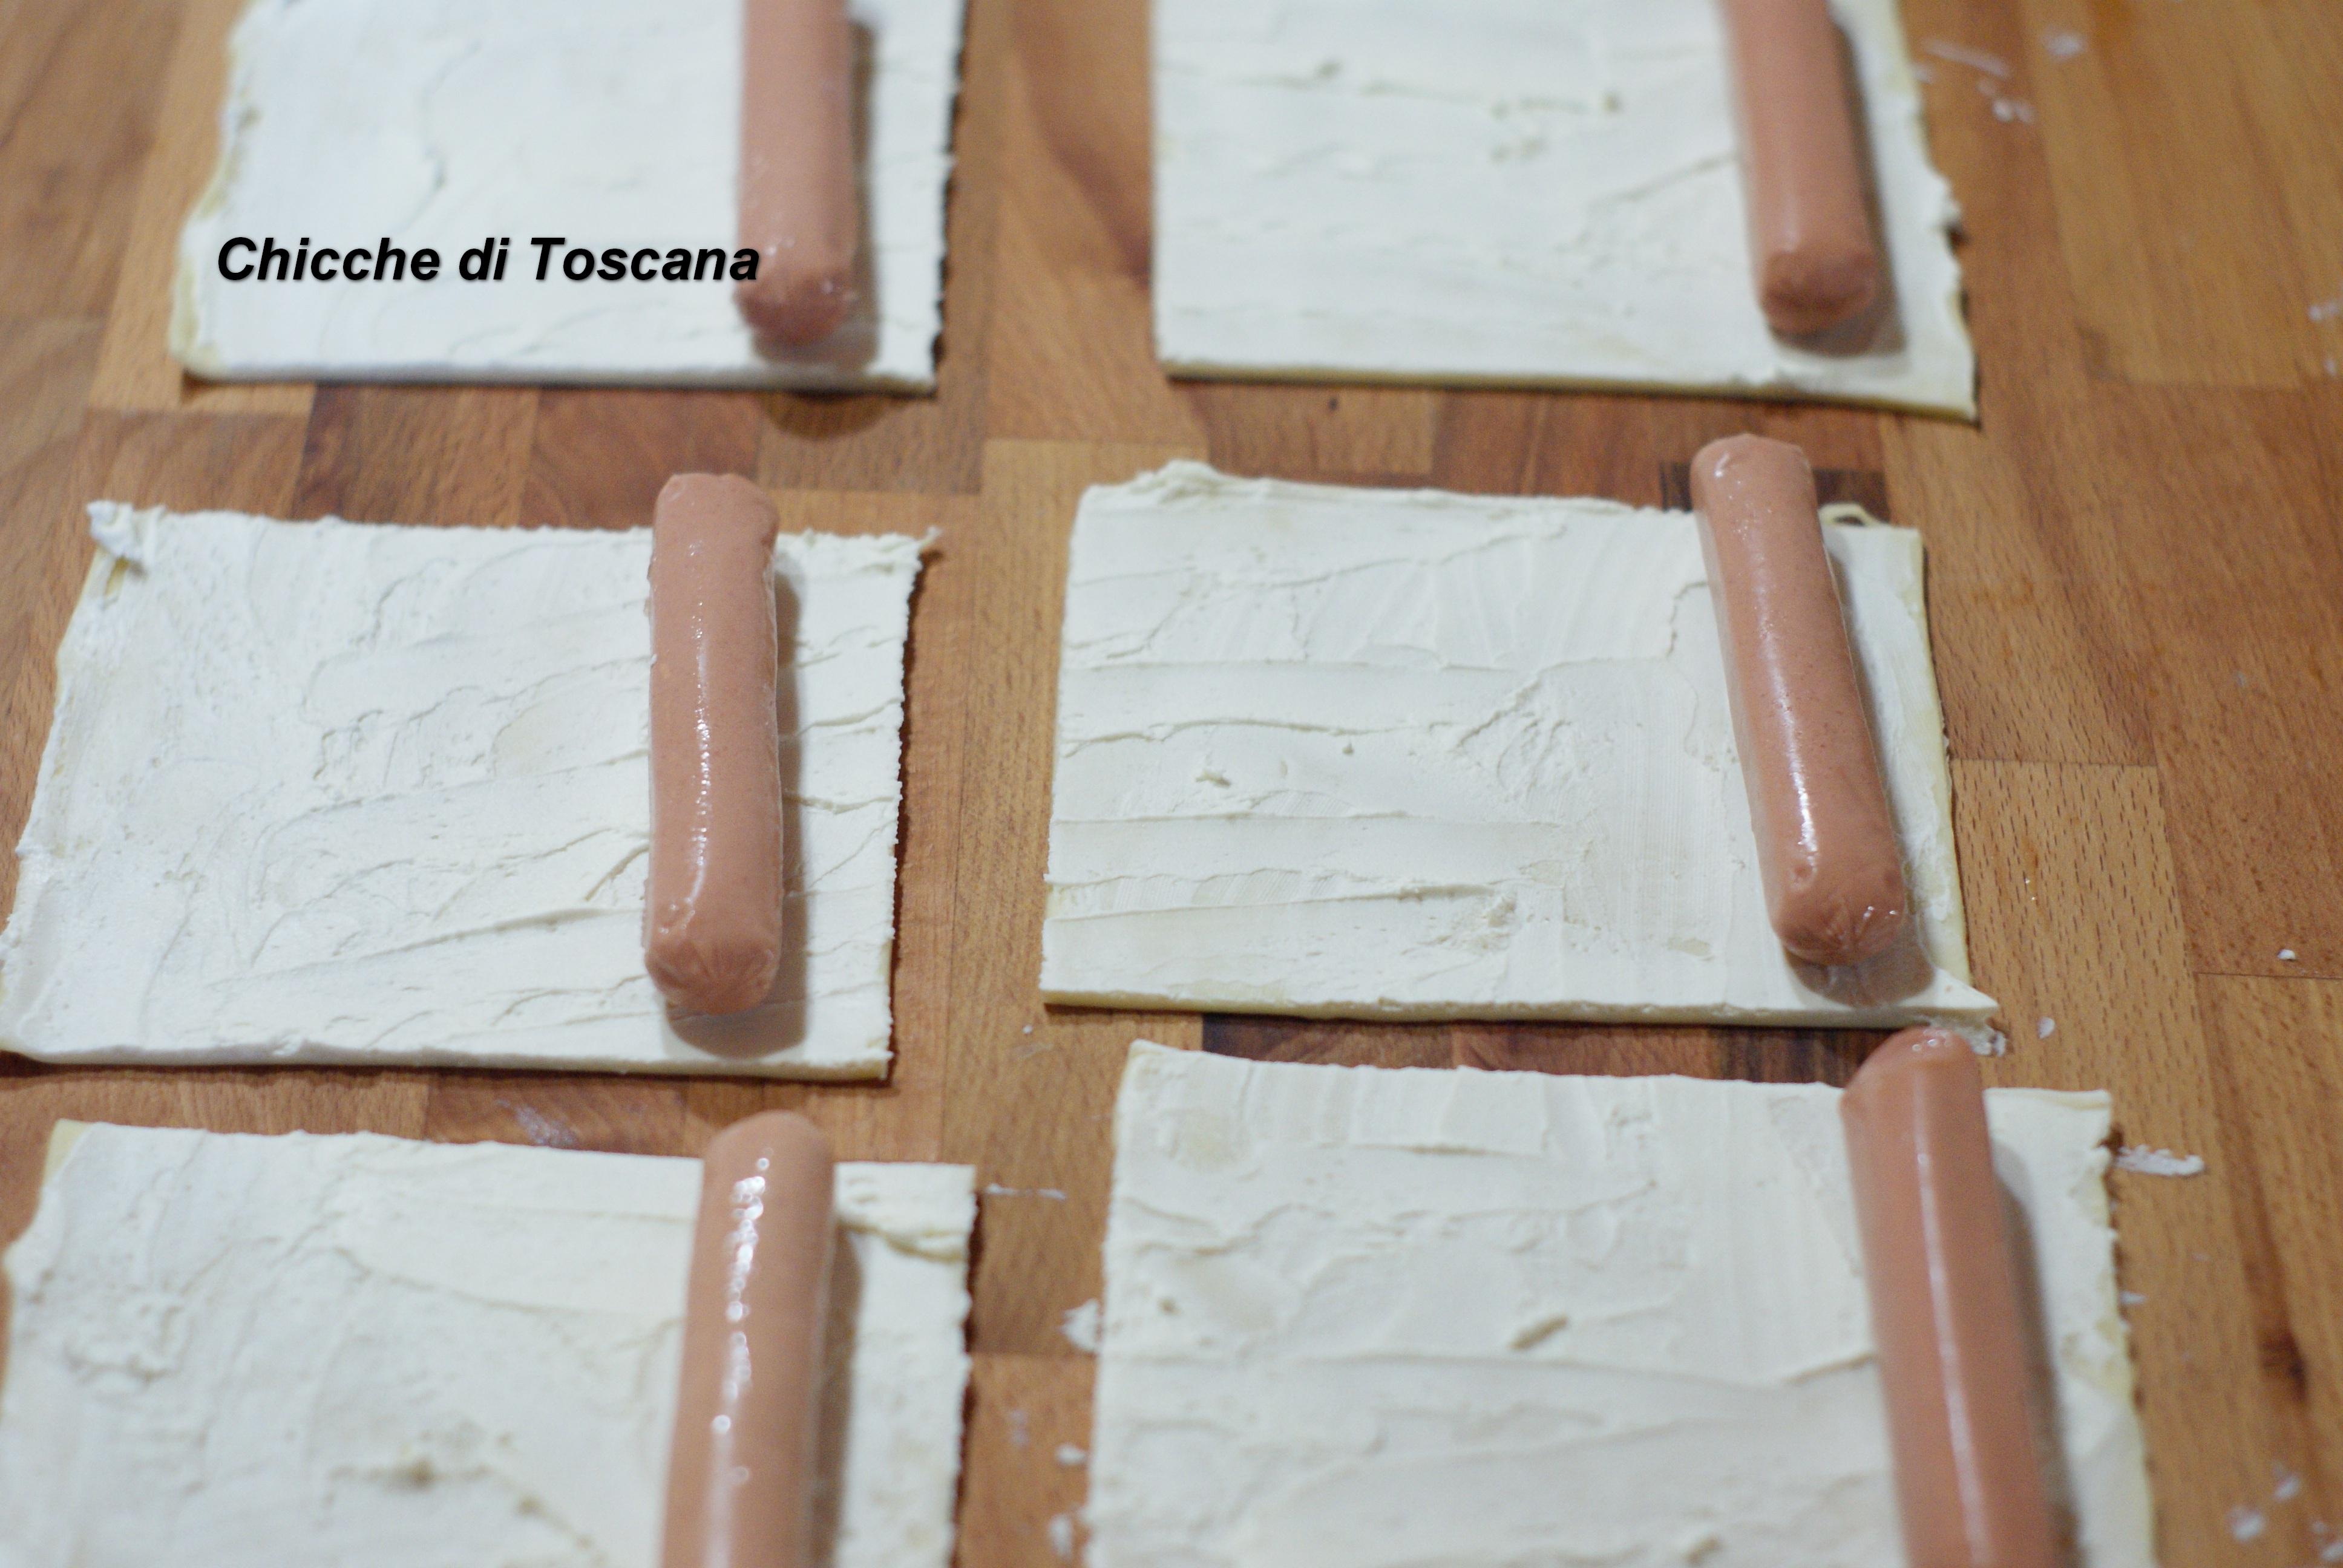 il wurstel e arrotoliamo. Con un coltello a lama liscia pratichiamo dei  tagli ( 7 o 8 ) facendo attenzione a non tagliare il lato inferiore della  pasta.